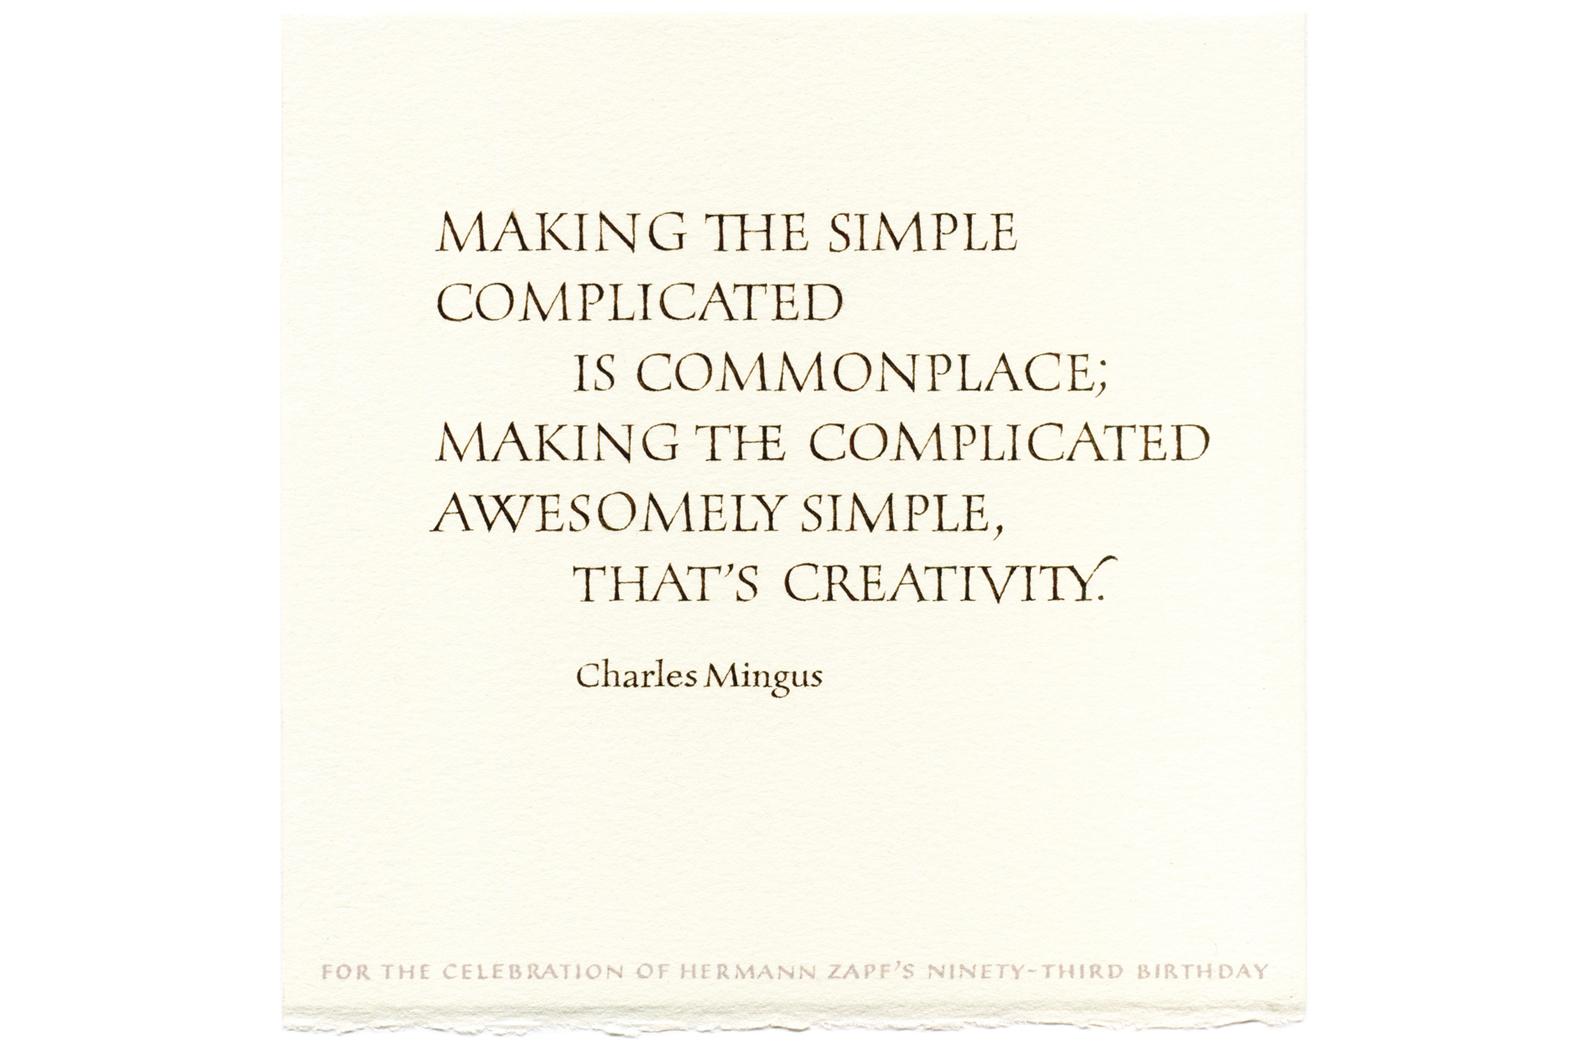 Charles Mingus's word